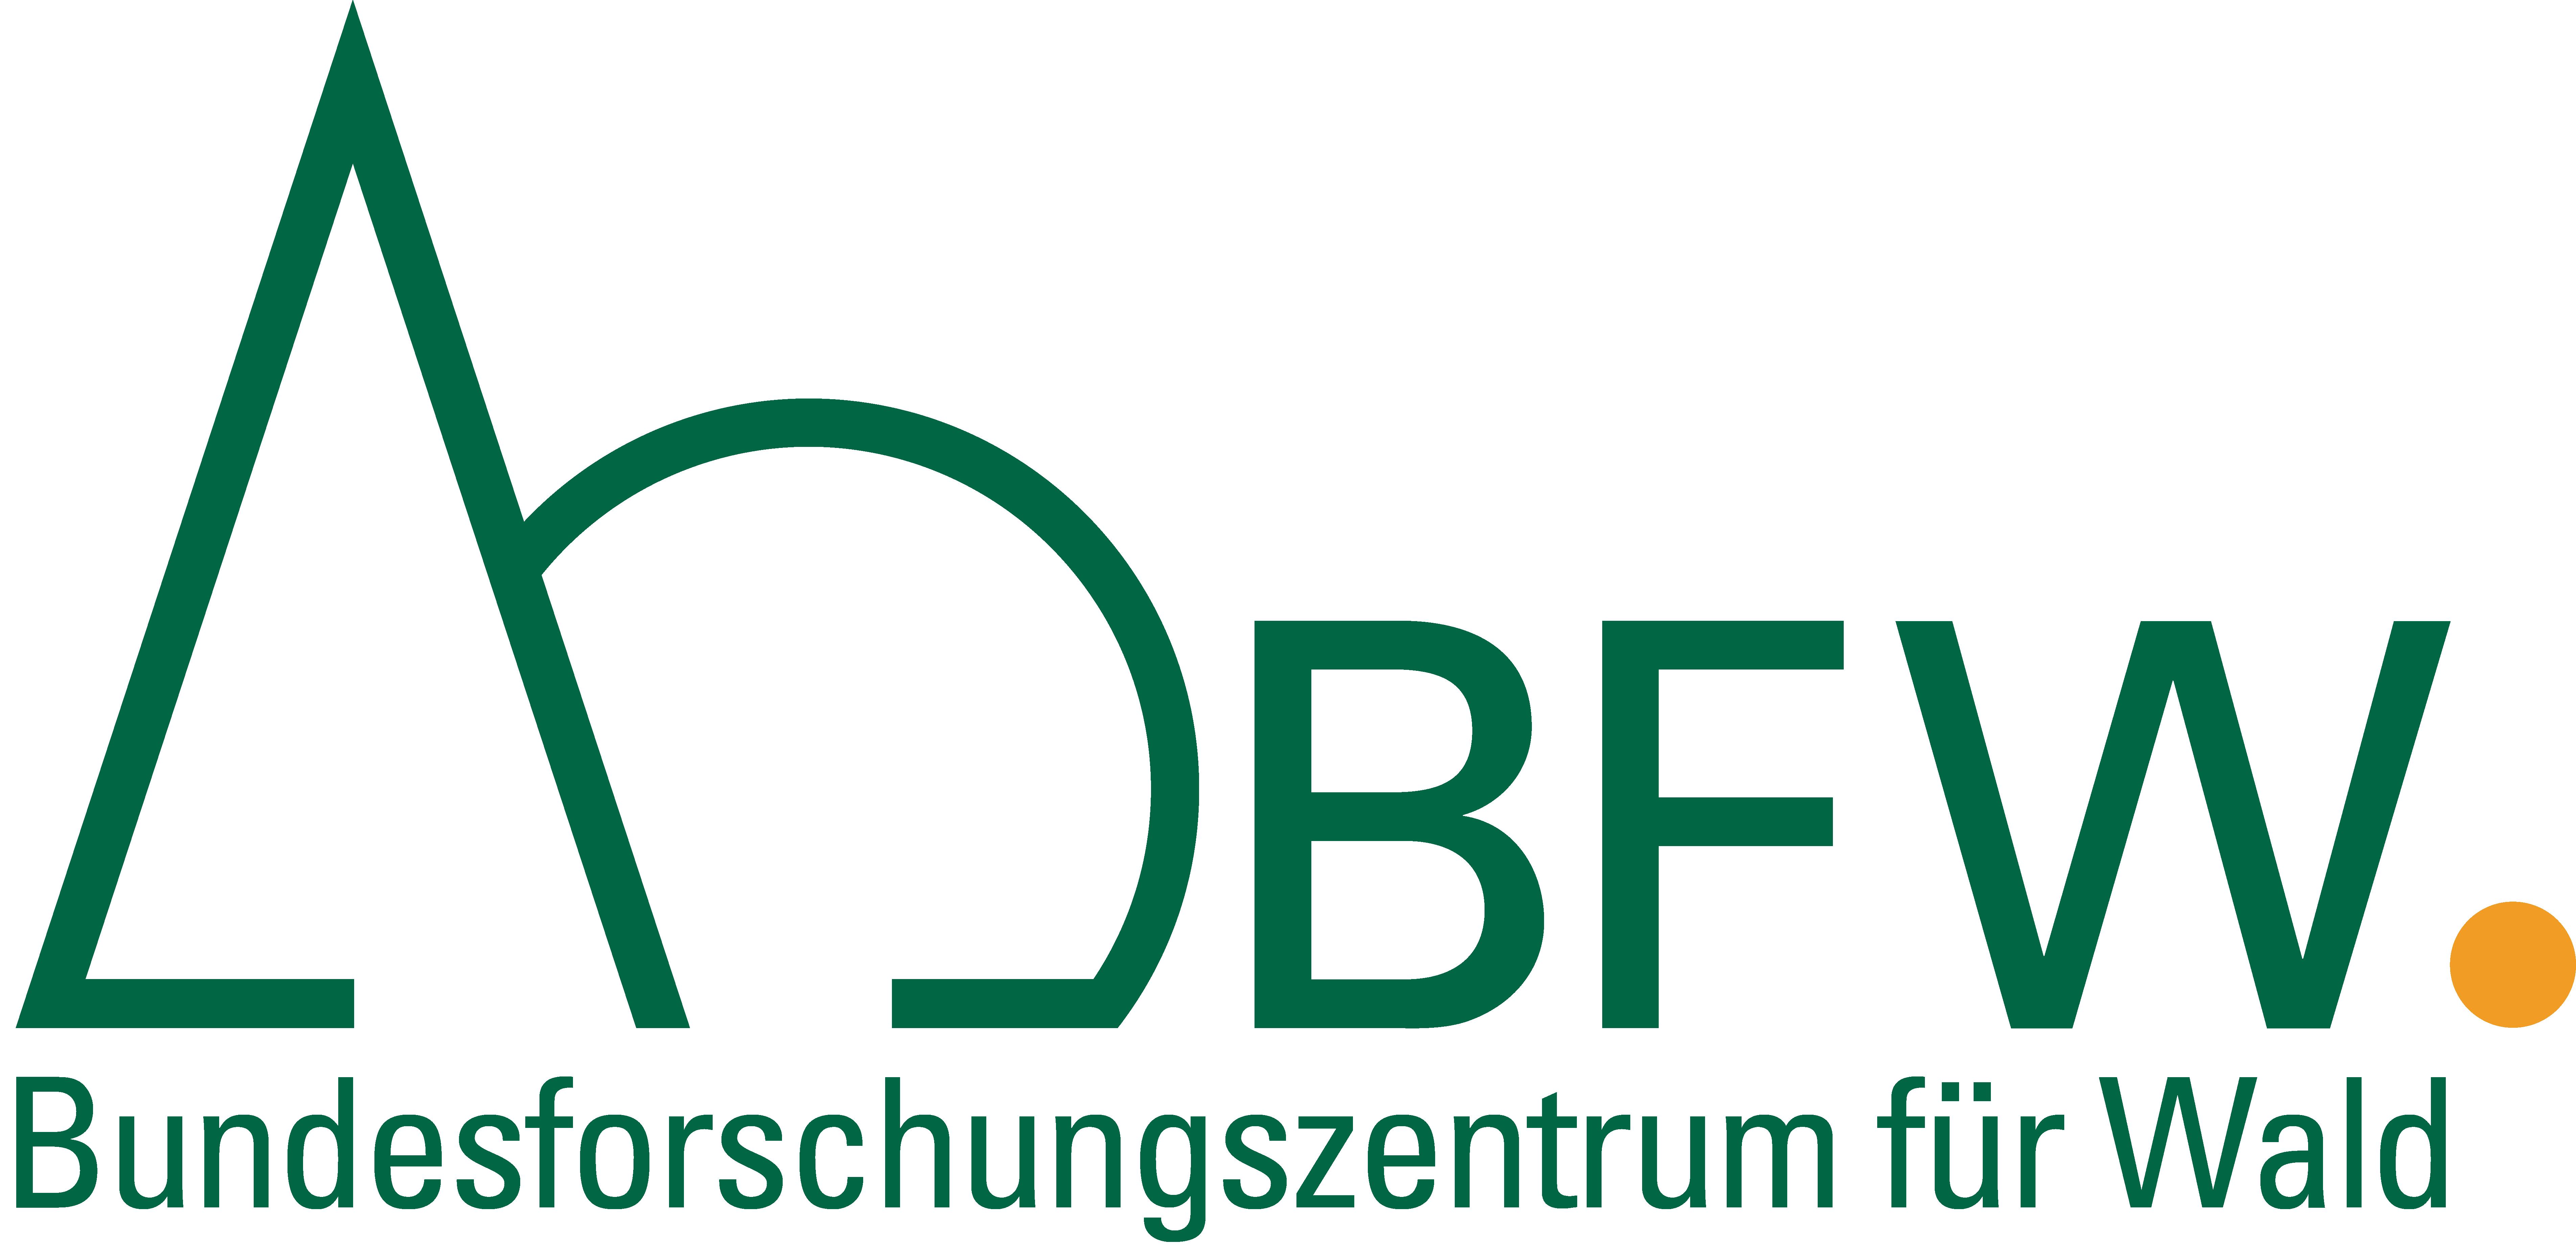 Logo des Bundesforschungszentrums für Wald